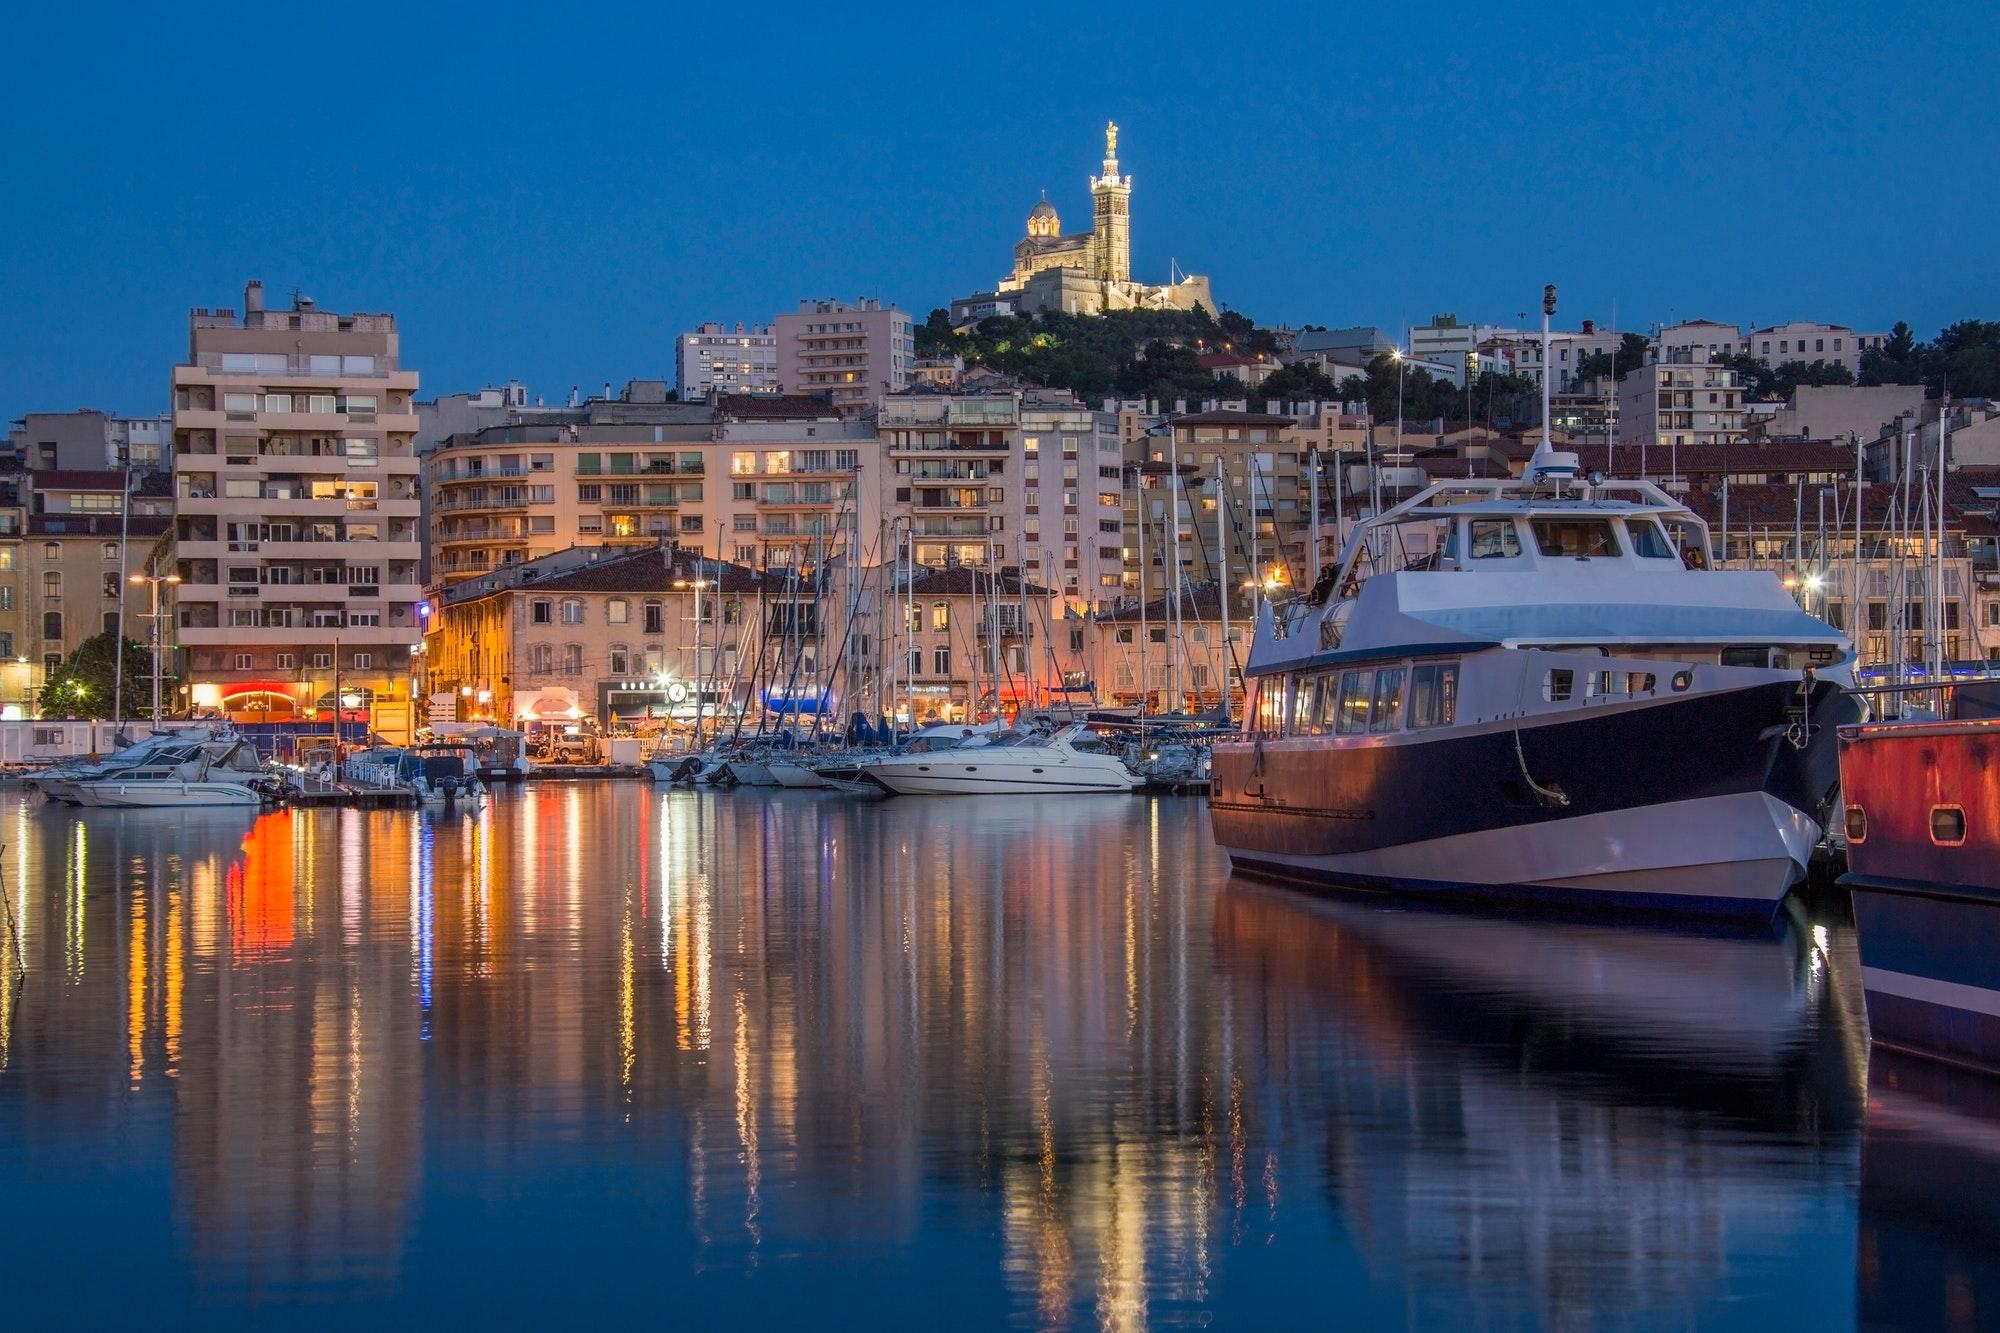 Francia: más de 6.000 jóvenes asisten a un carnaval en Marsella a pesar de las restricciones